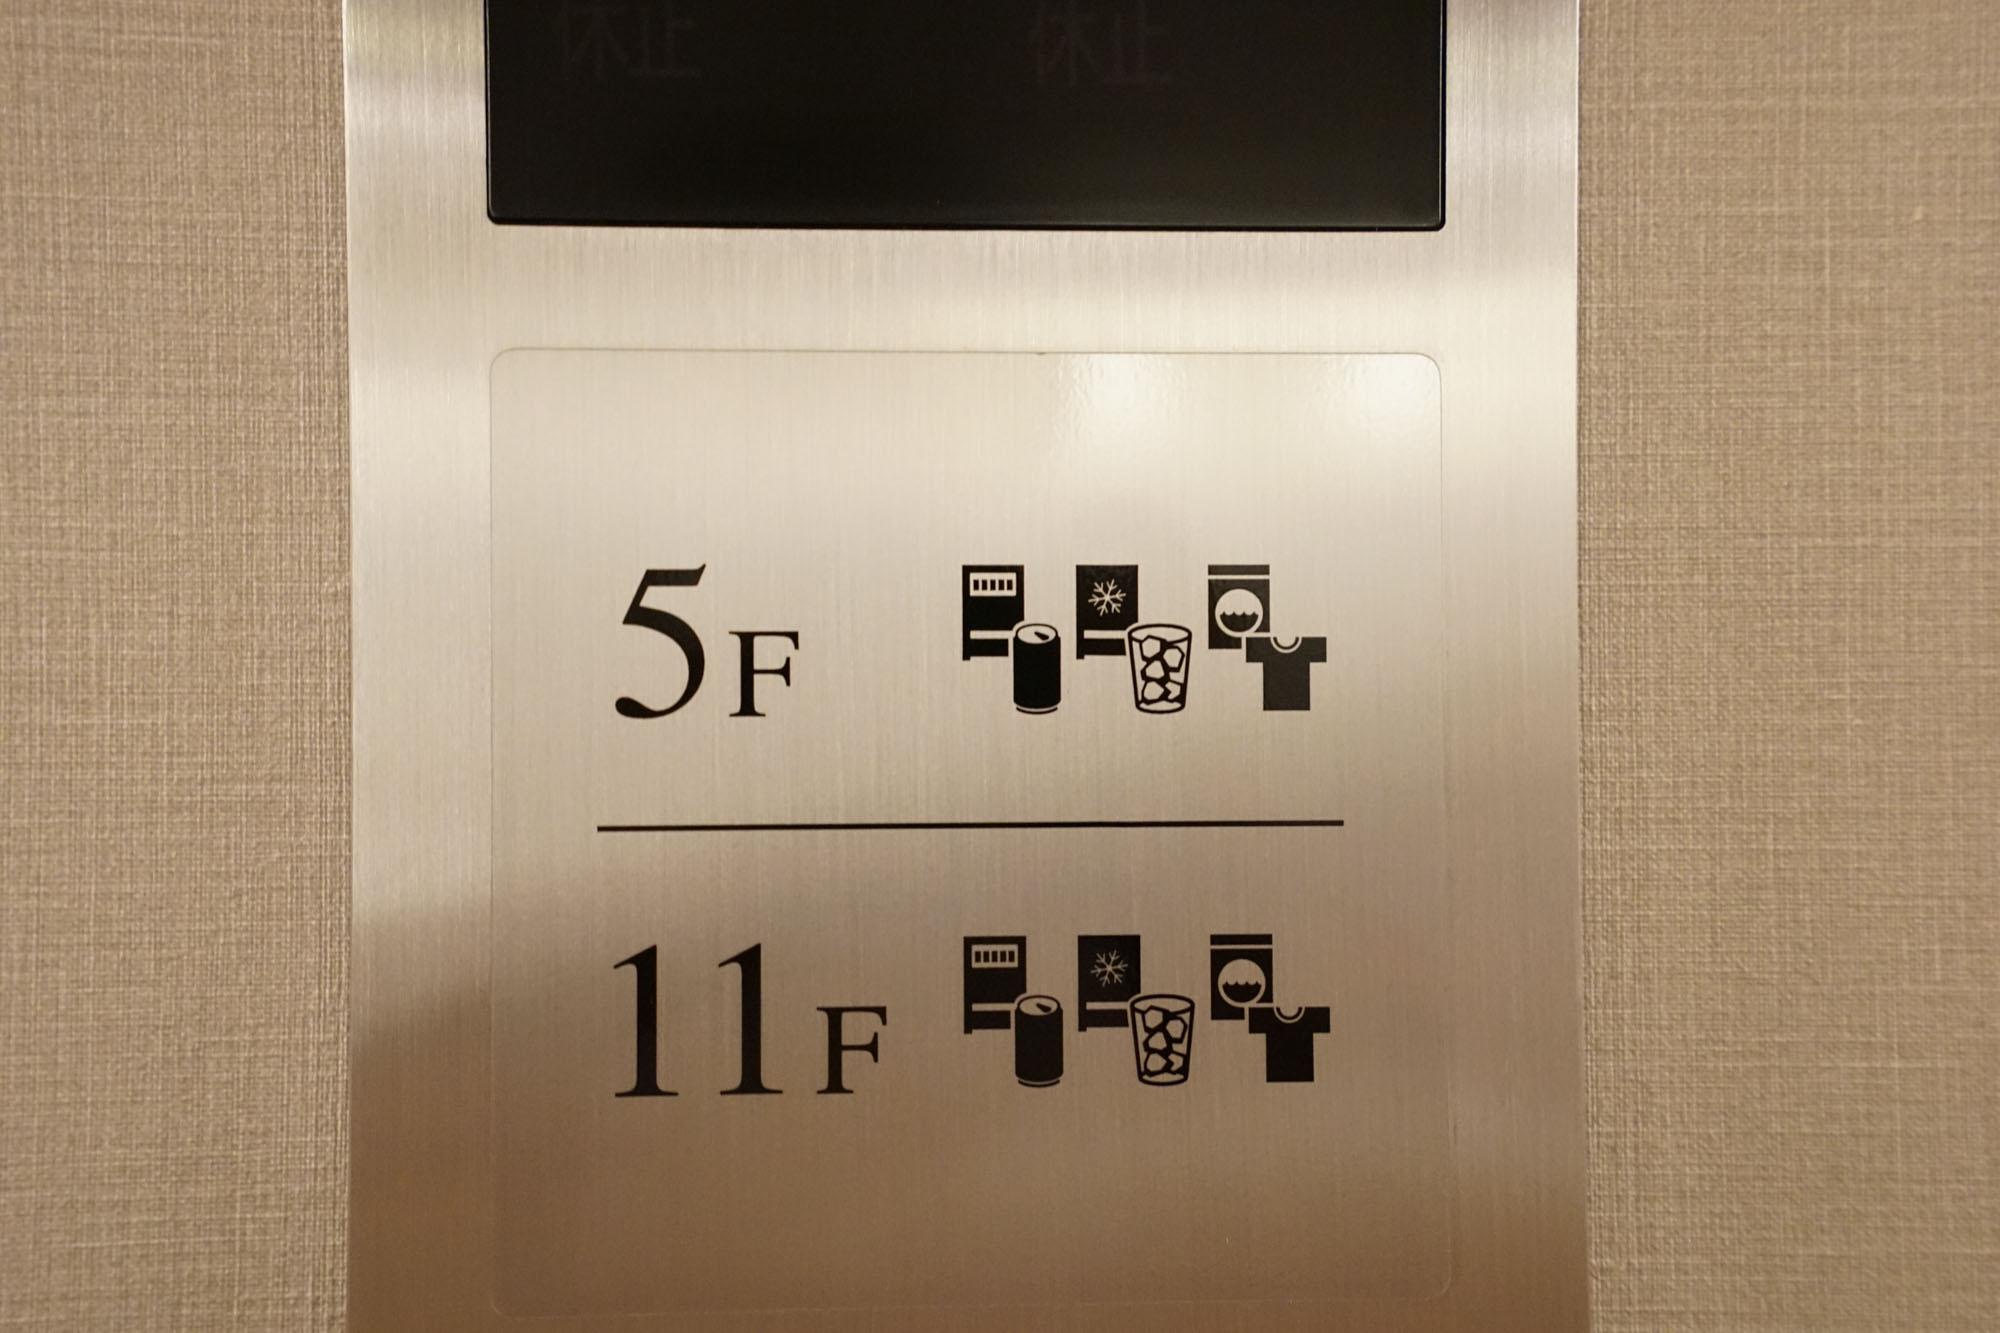 5階と11階に、自販機・製氷機・ランドリーのコーナーがあるようなので行ってみましょう。